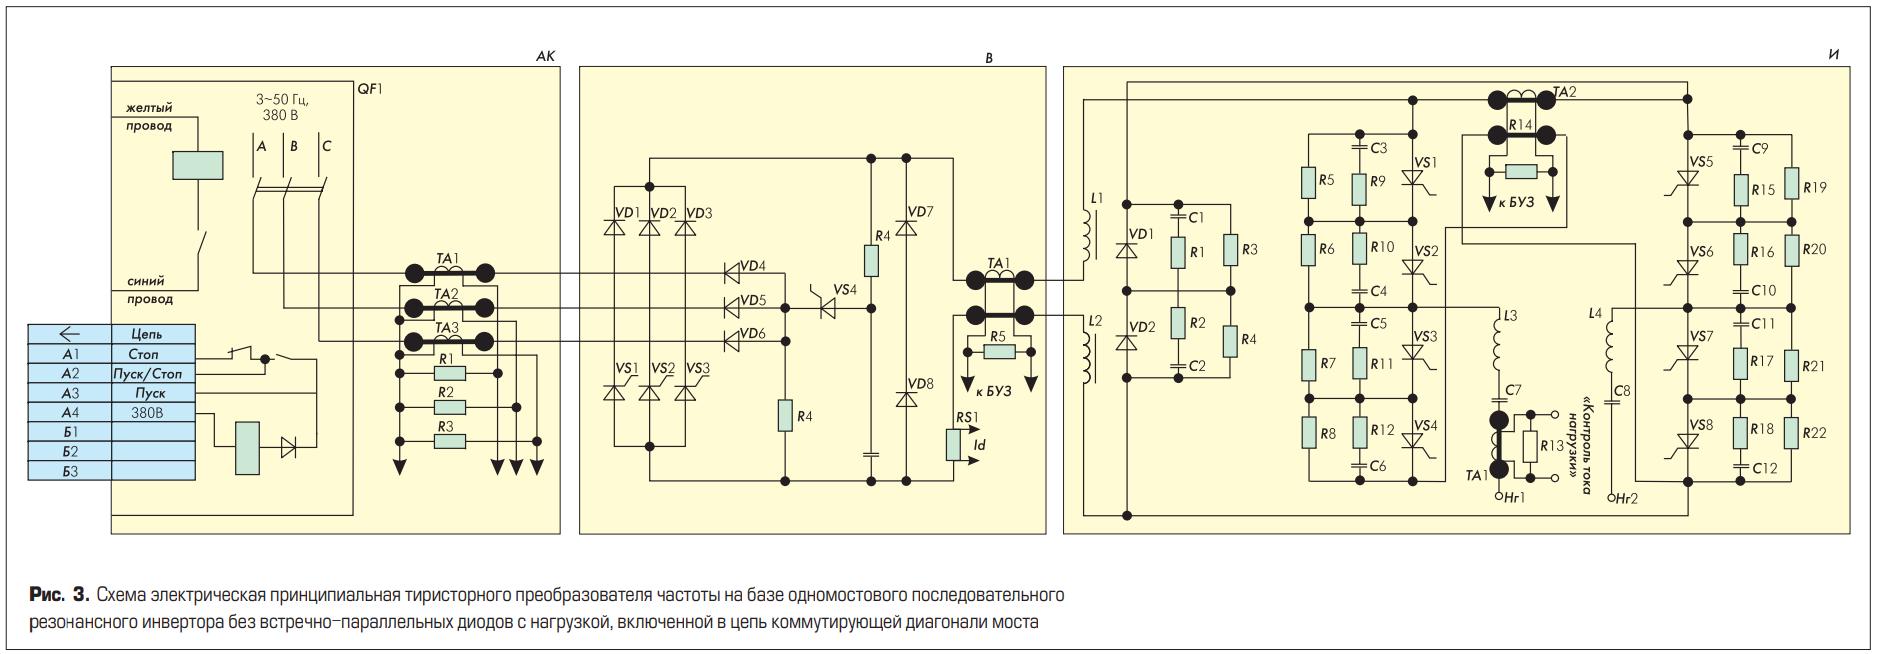 Схема электрическая принципиальная тиристорного преобразователя частоты на базе одномостного последовате6льного резонансного инвертгора без встречно-параллельных диодов с нагрузкой включенной в цепь коммутирующей диагнонали моста